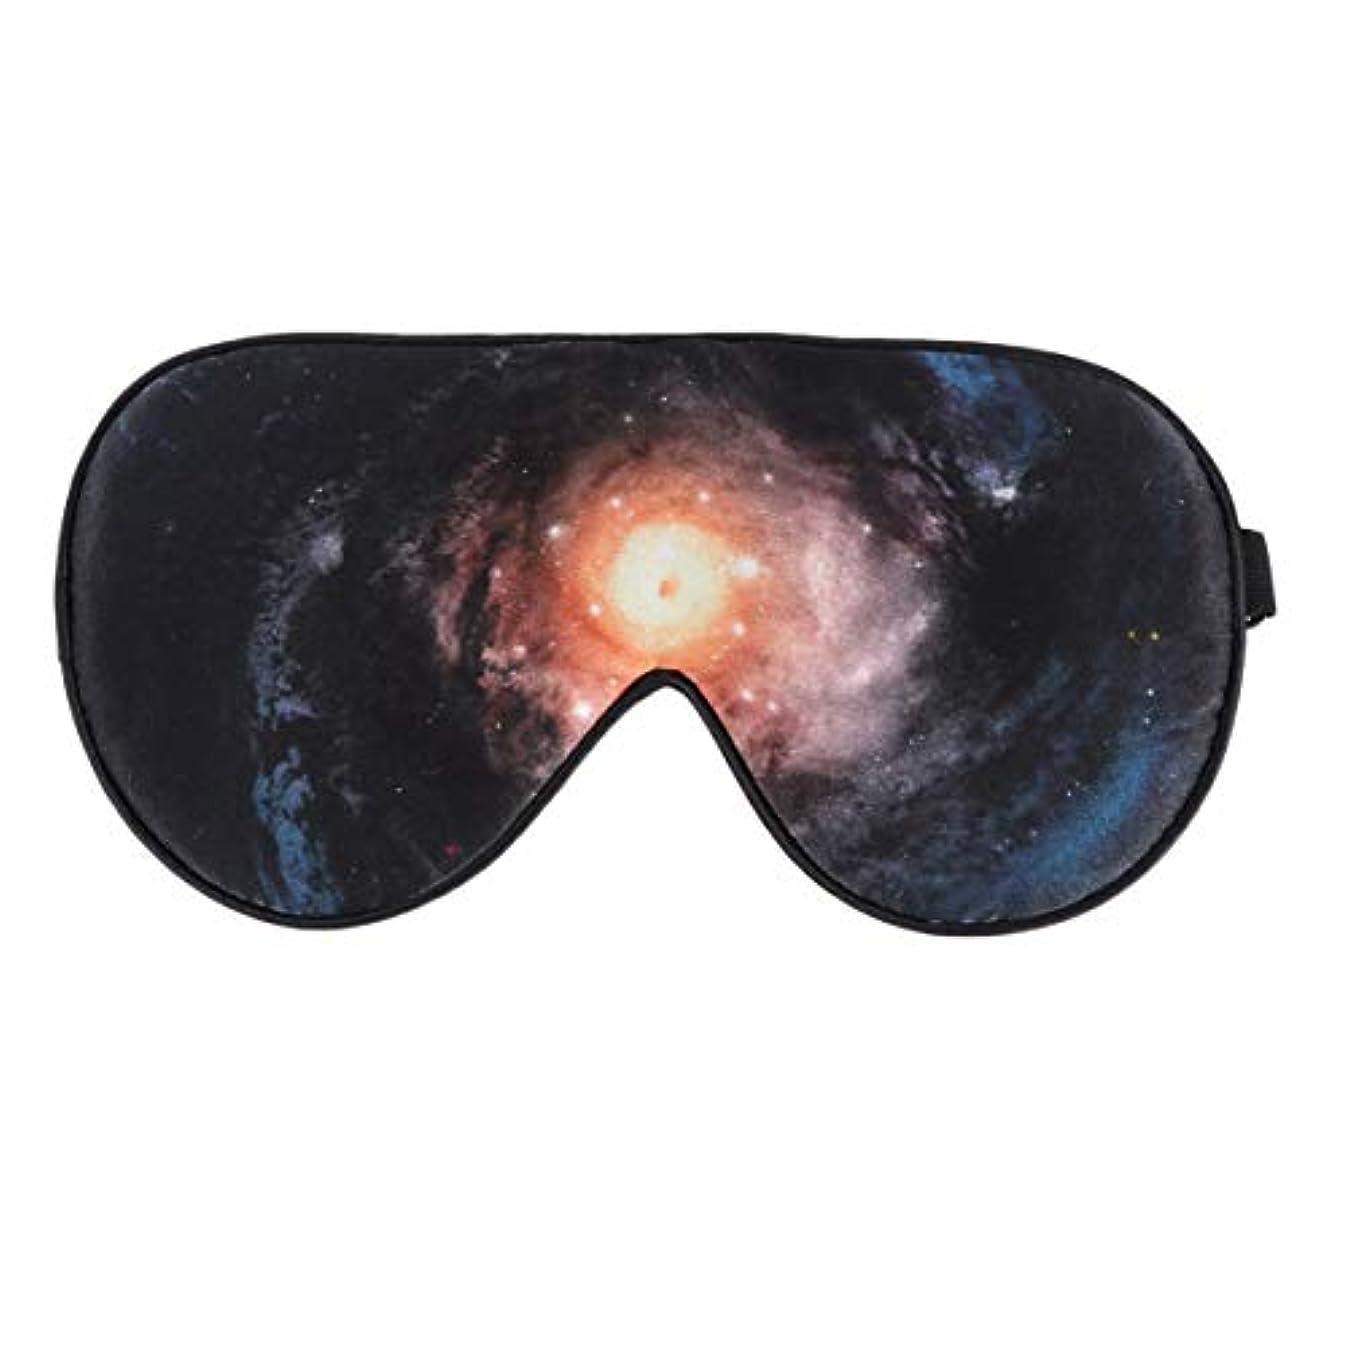 アミューズスナップポークSUPVOX 睡眠マスクシルクアイマスクソフト弾性ストラップ星空パターン睡眠睡眠昼寝旅行用ポータブル